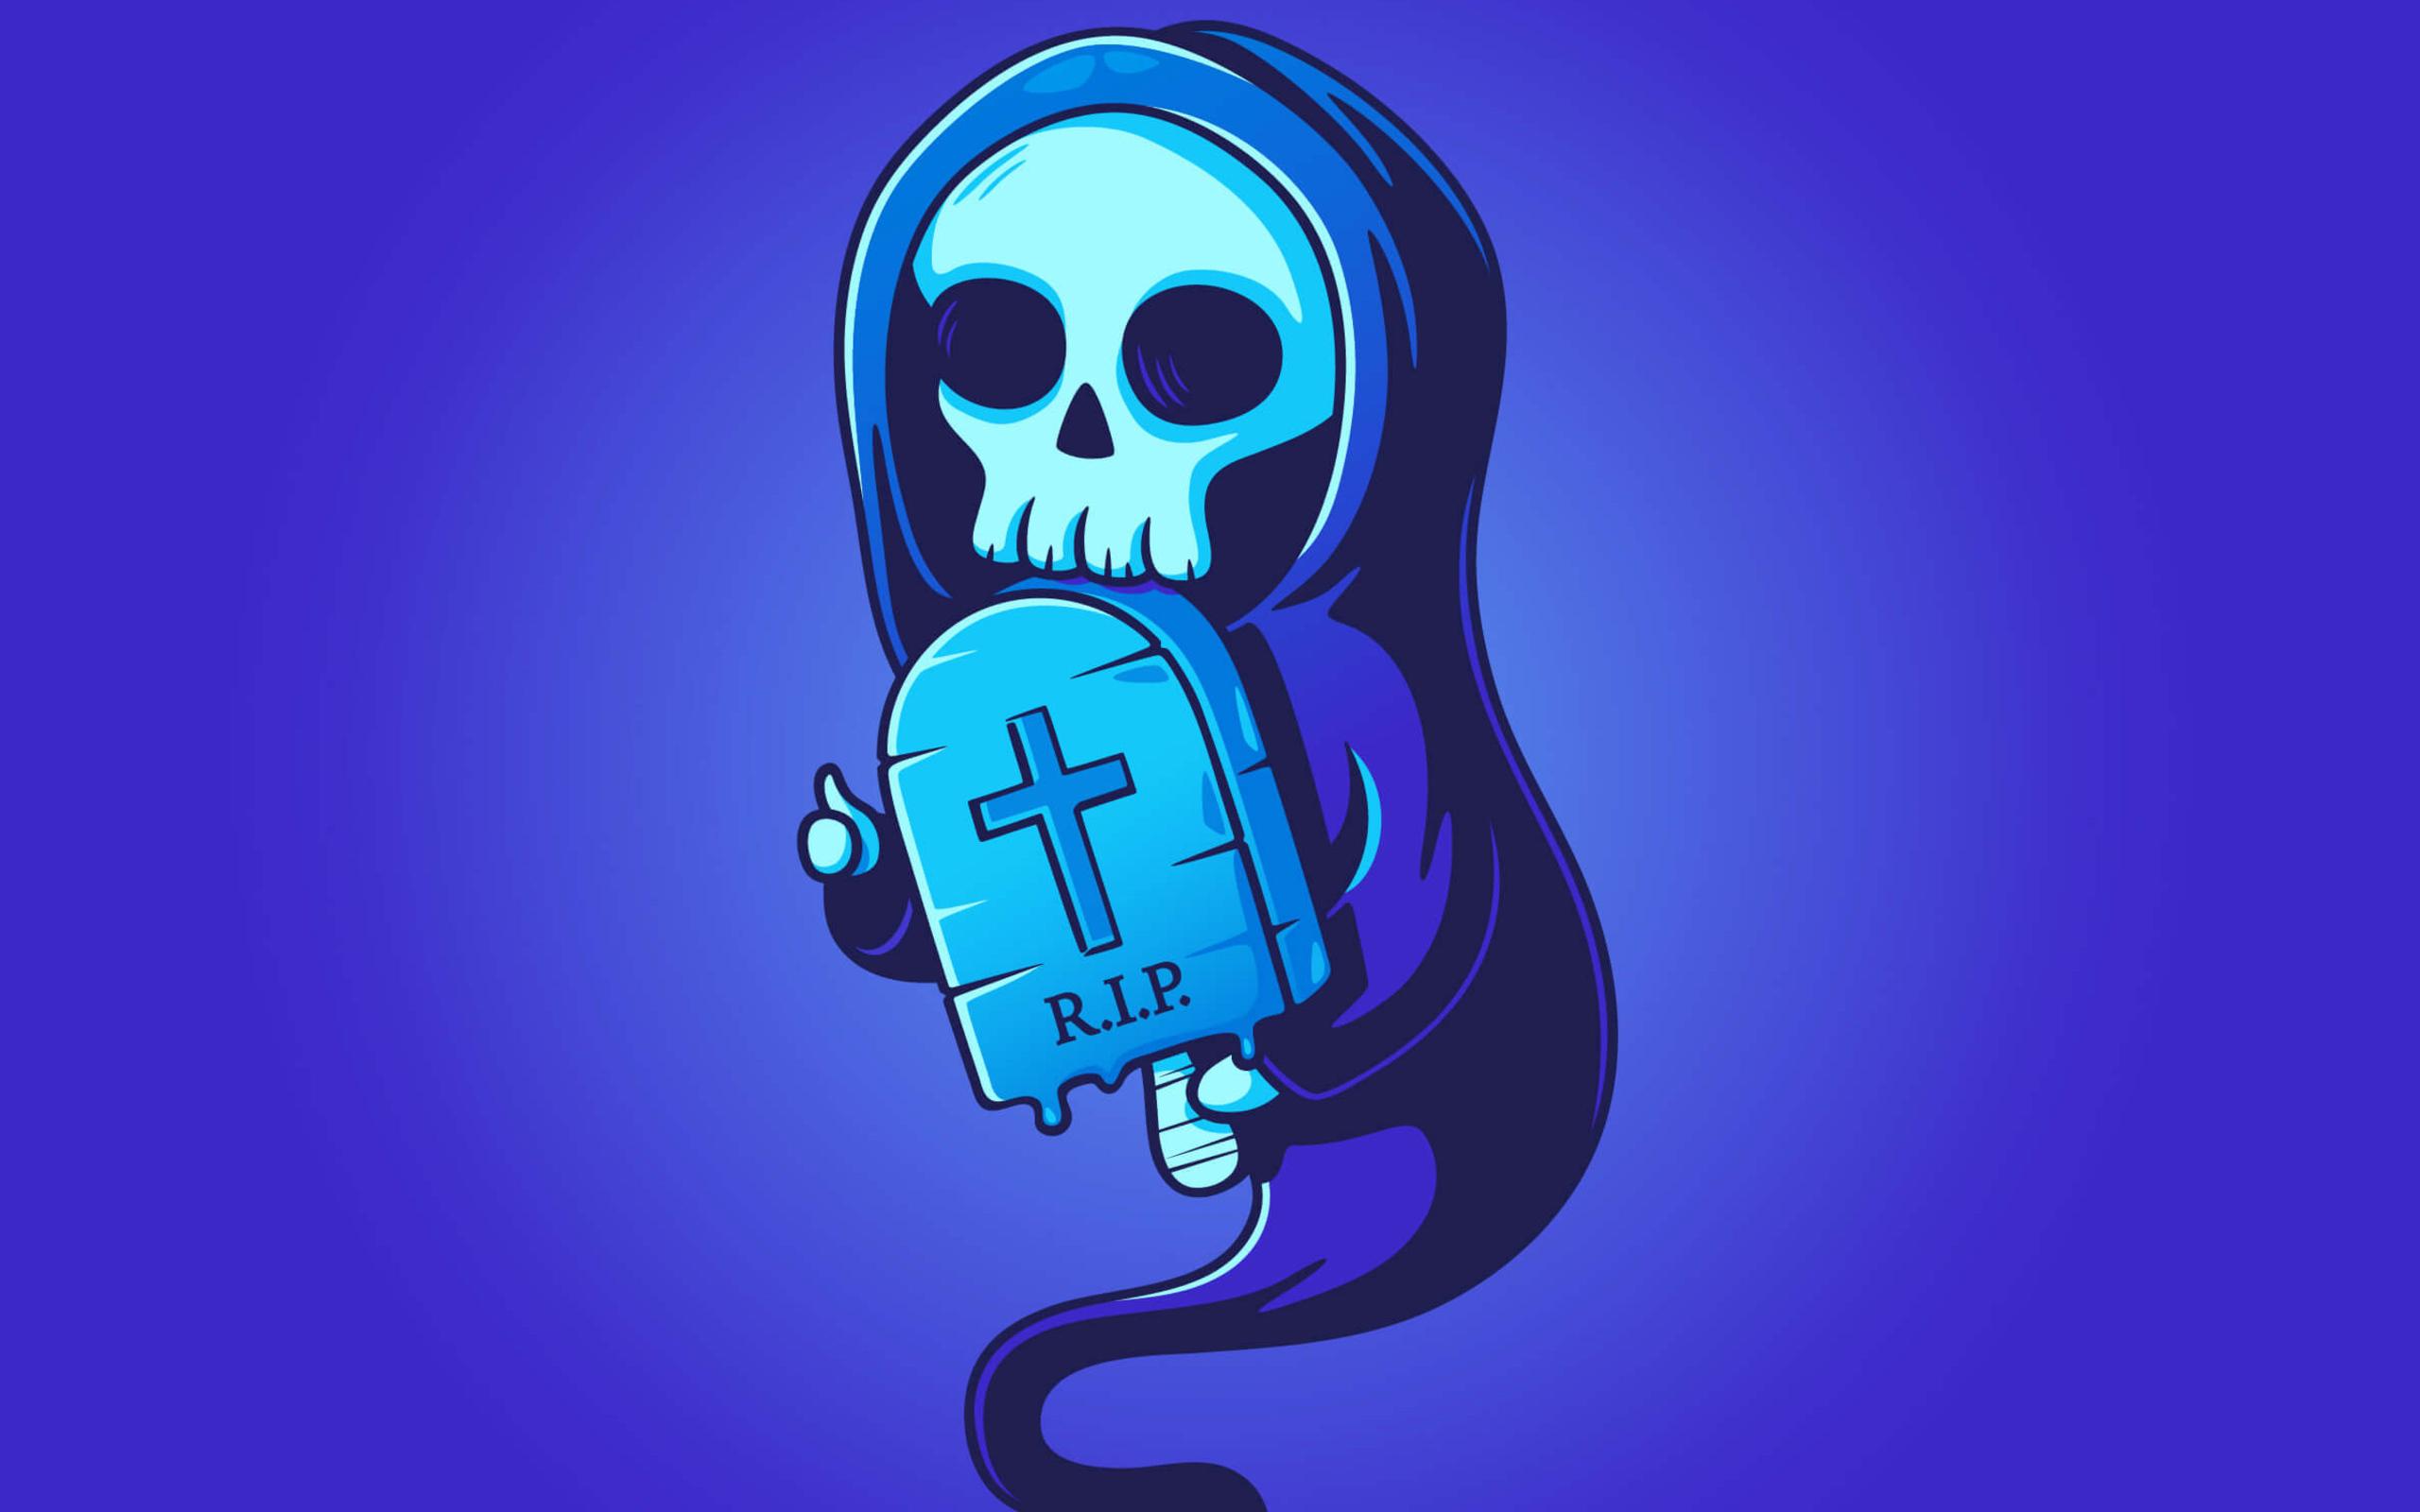 rip-skull-illustration-j9.jpg